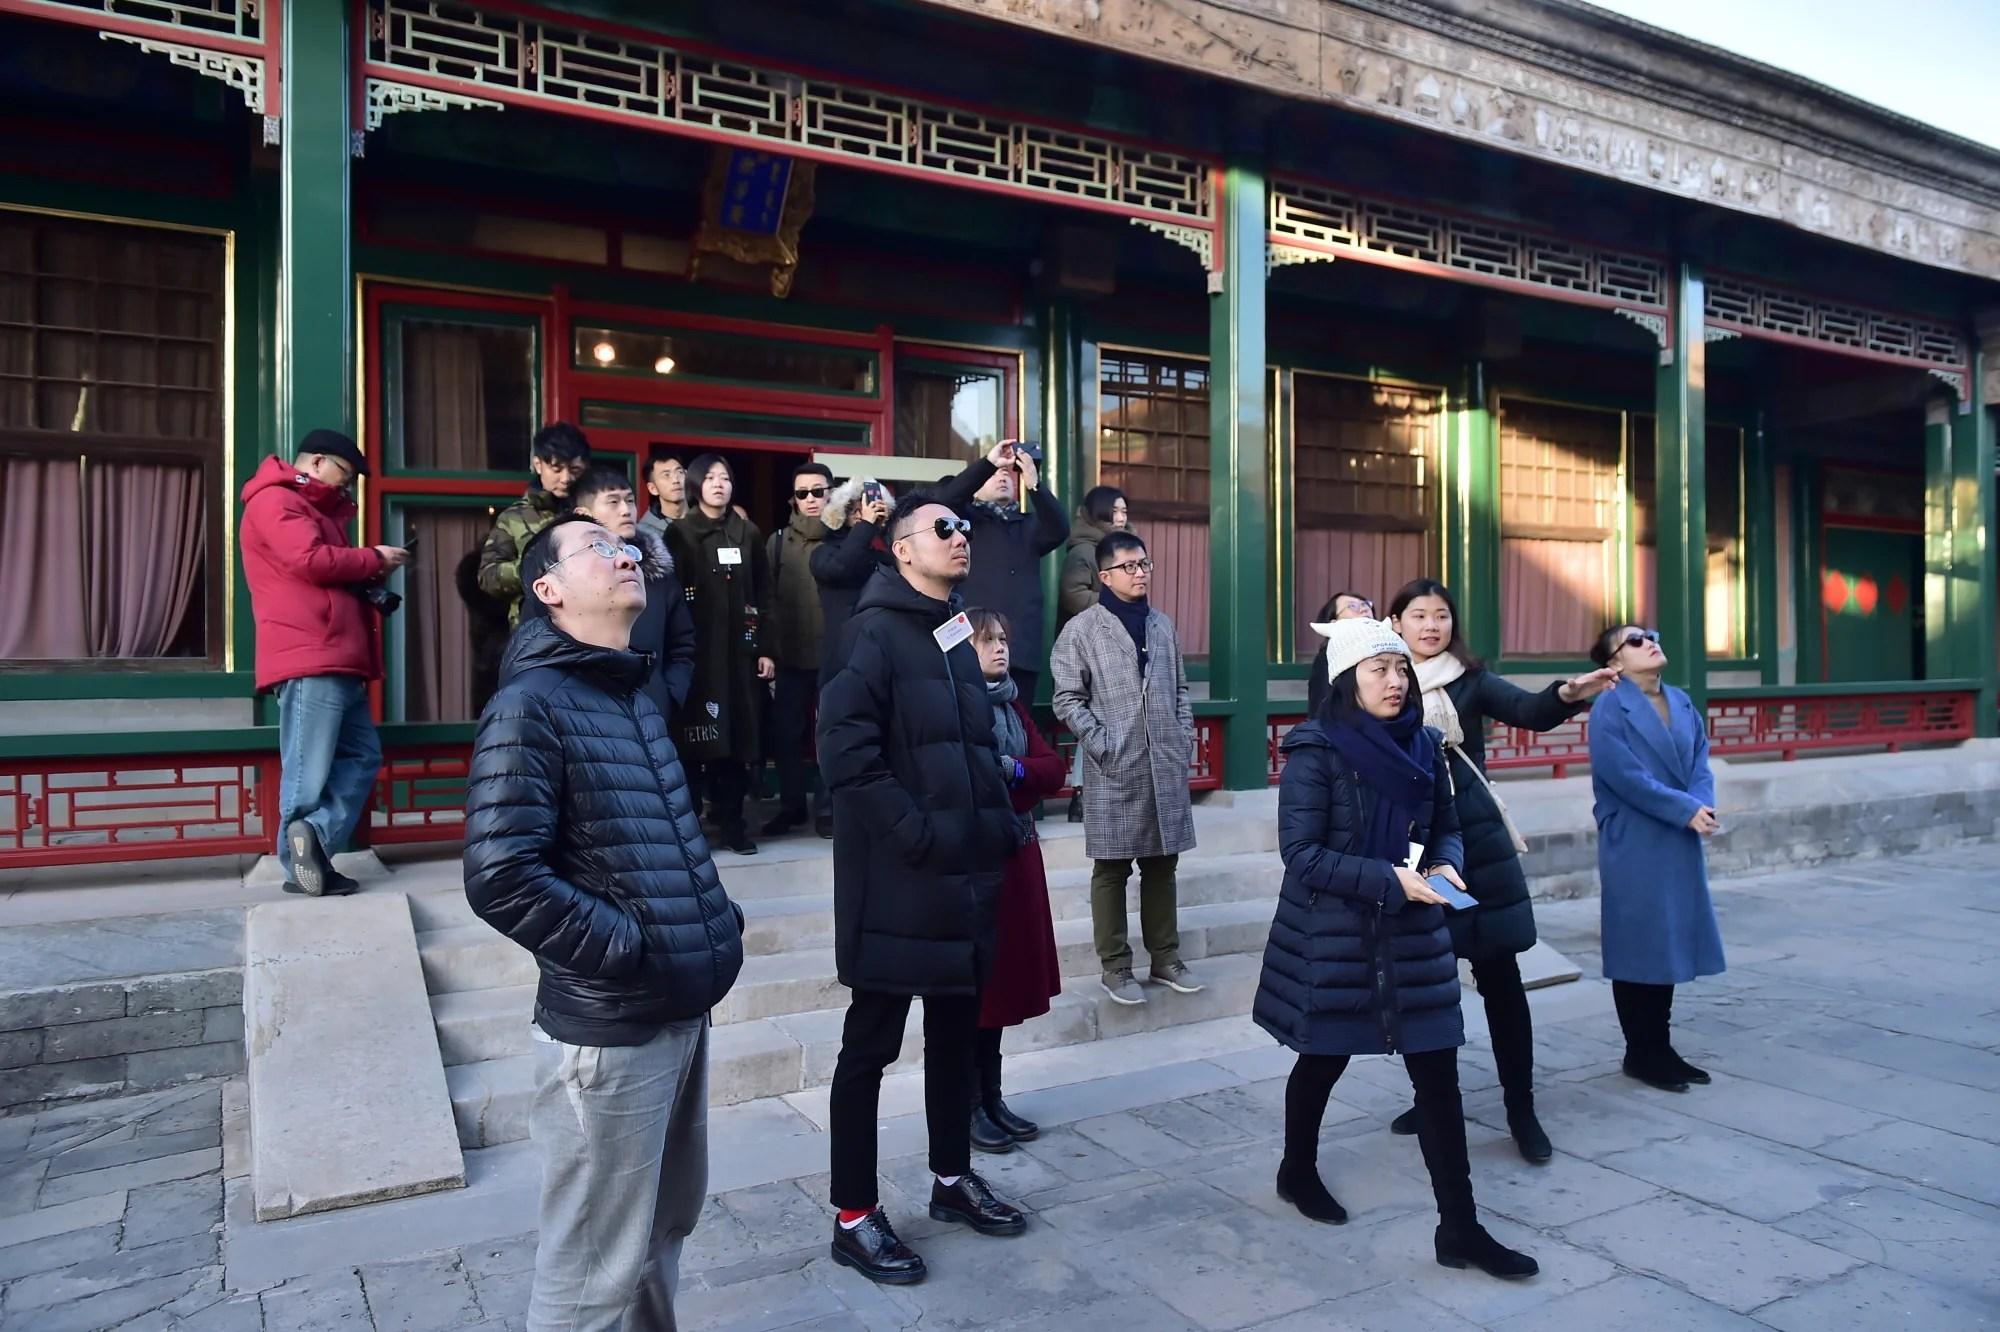 a glimpse inside beijing 39 s forbidden city. Black Bedroom Furniture Sets. Home Design Ideas